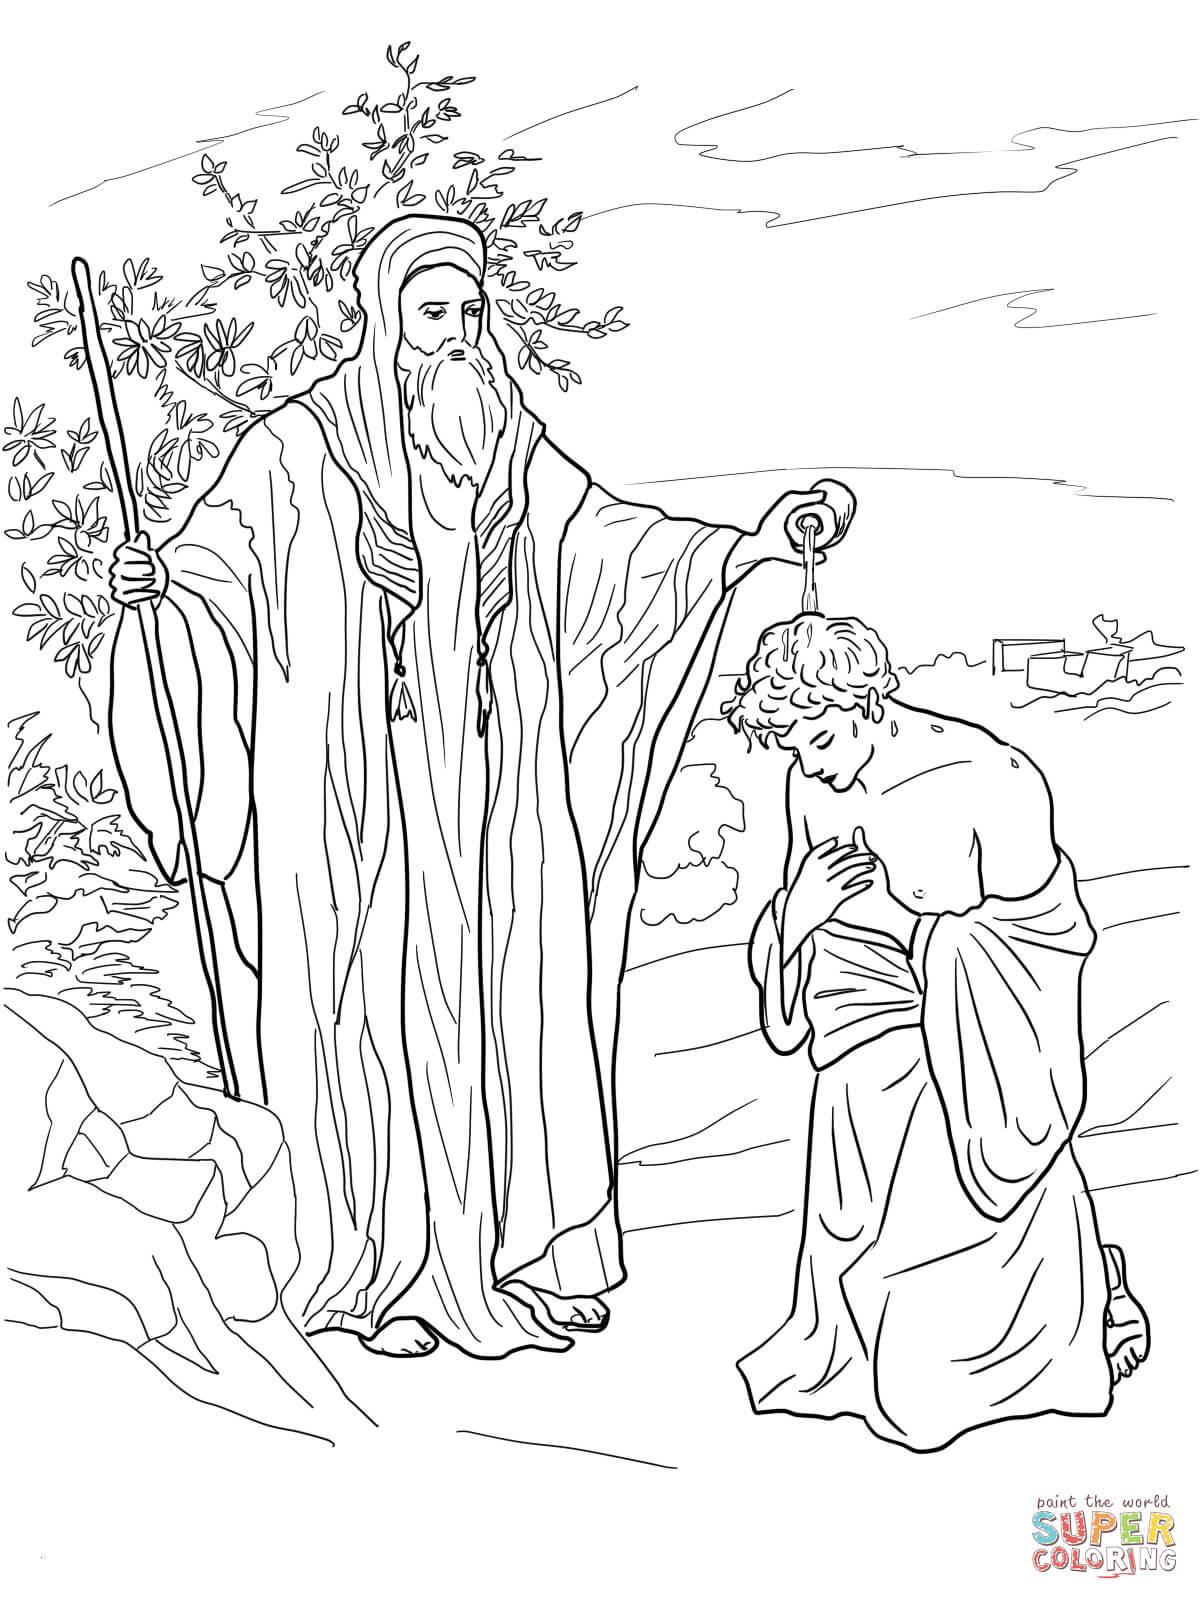 Reh Bilder Zum Ausmalen Frisch Ausmalbild Samuel Salbt Saul Zum König Luxus König David Bilder